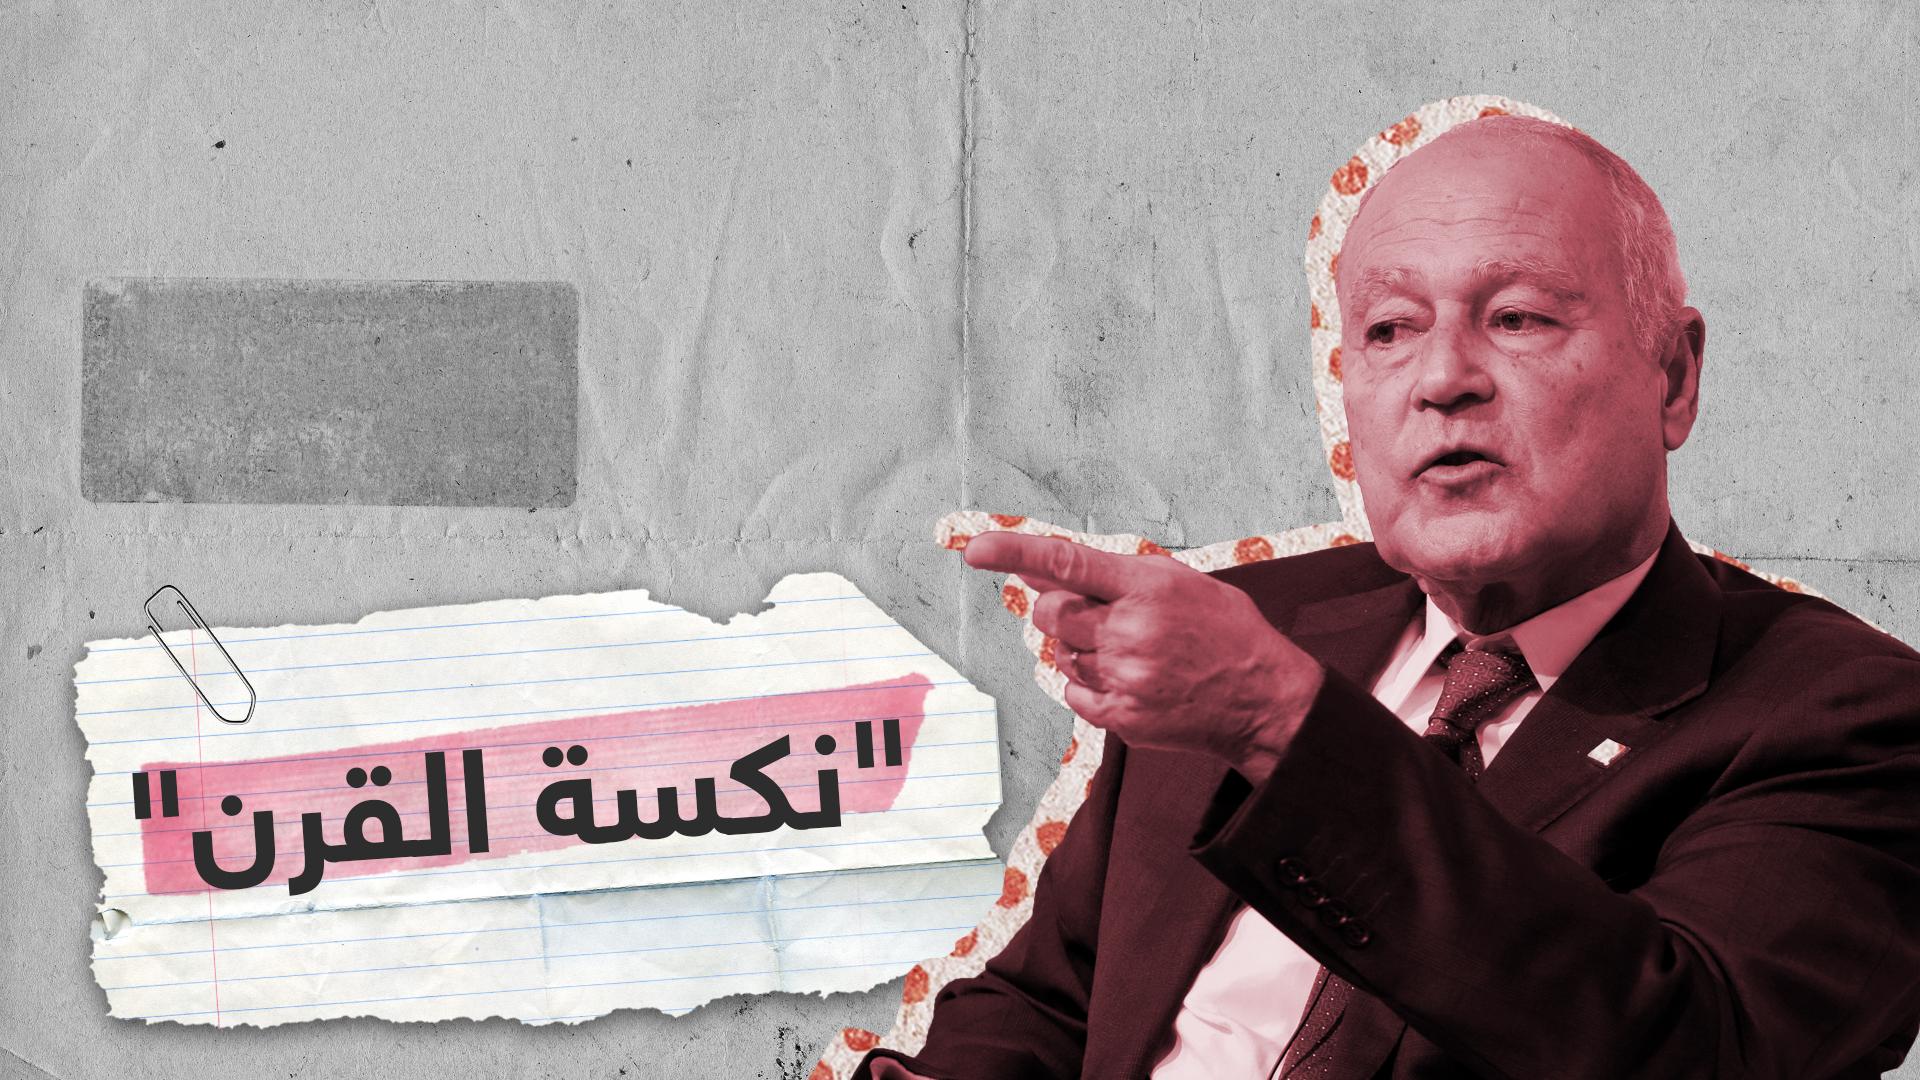 أبو الغيط: النكسة سبب الصفقة